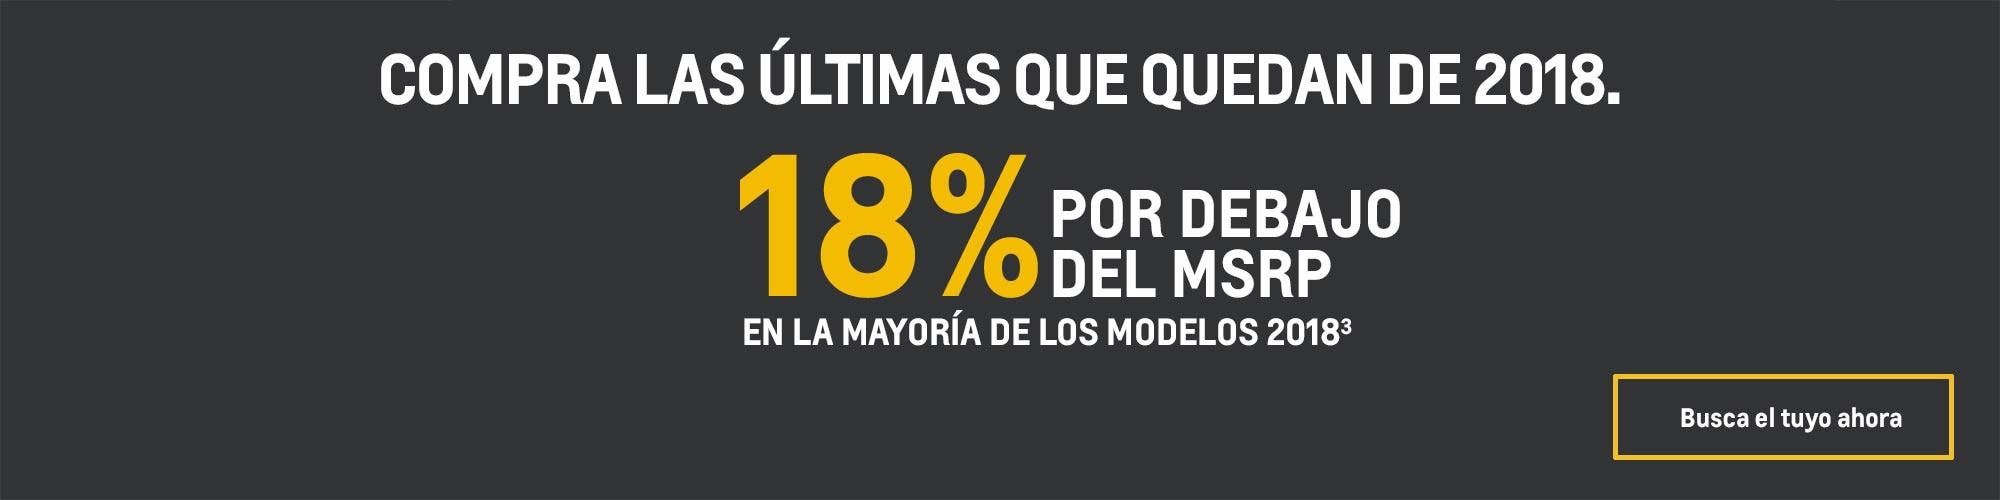 Volt 2018: 18% por debajo del MSRP